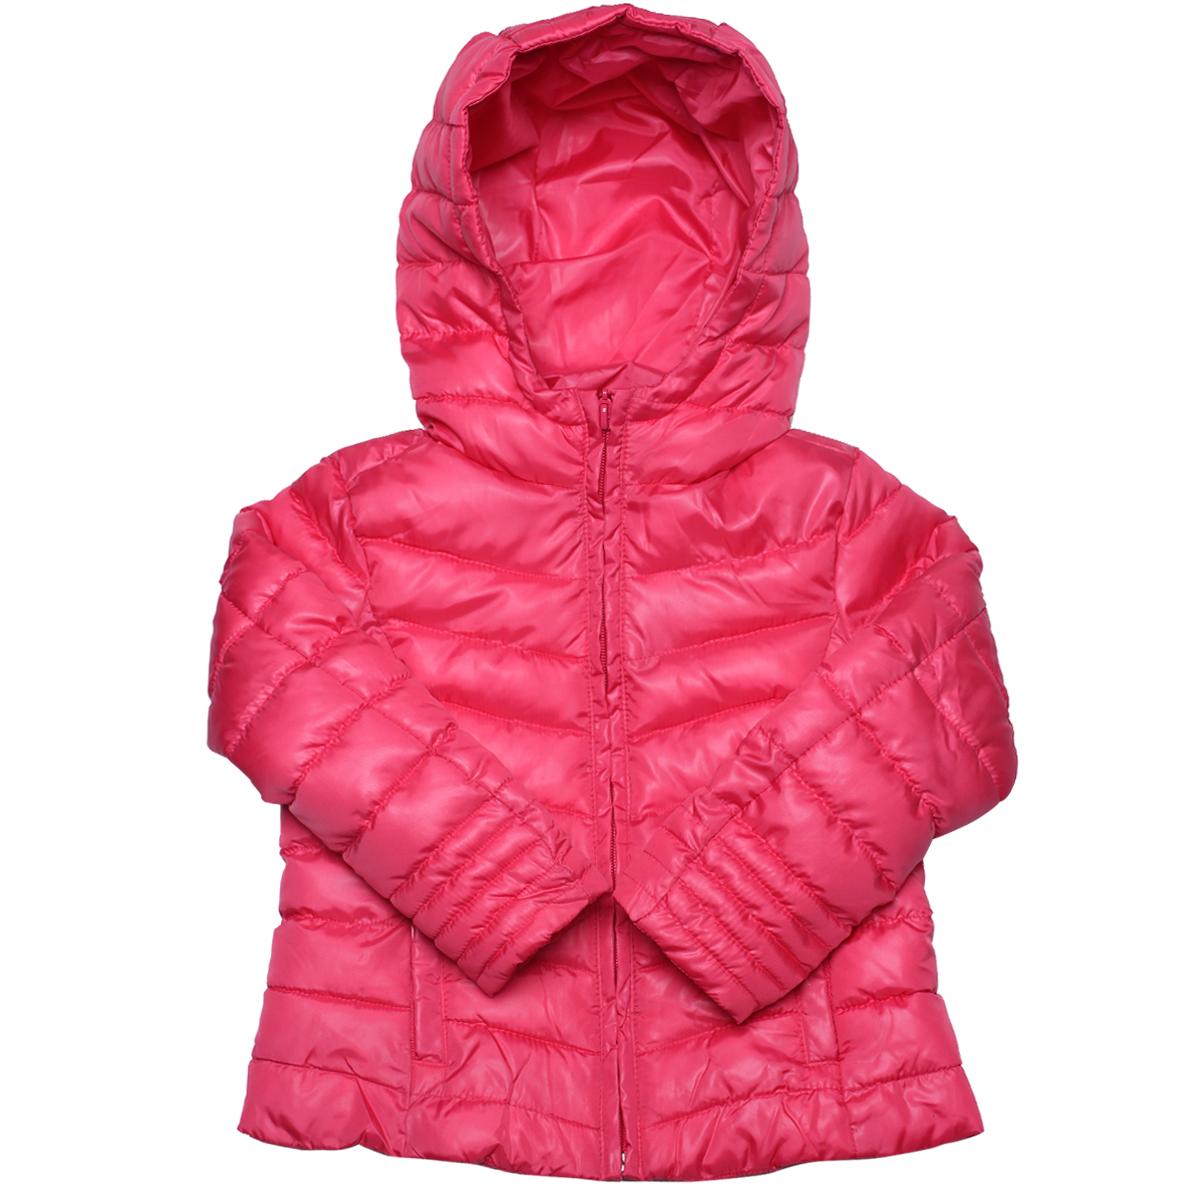 Áo khoác gió Zara Girls siêu nhẹ cho bé gái